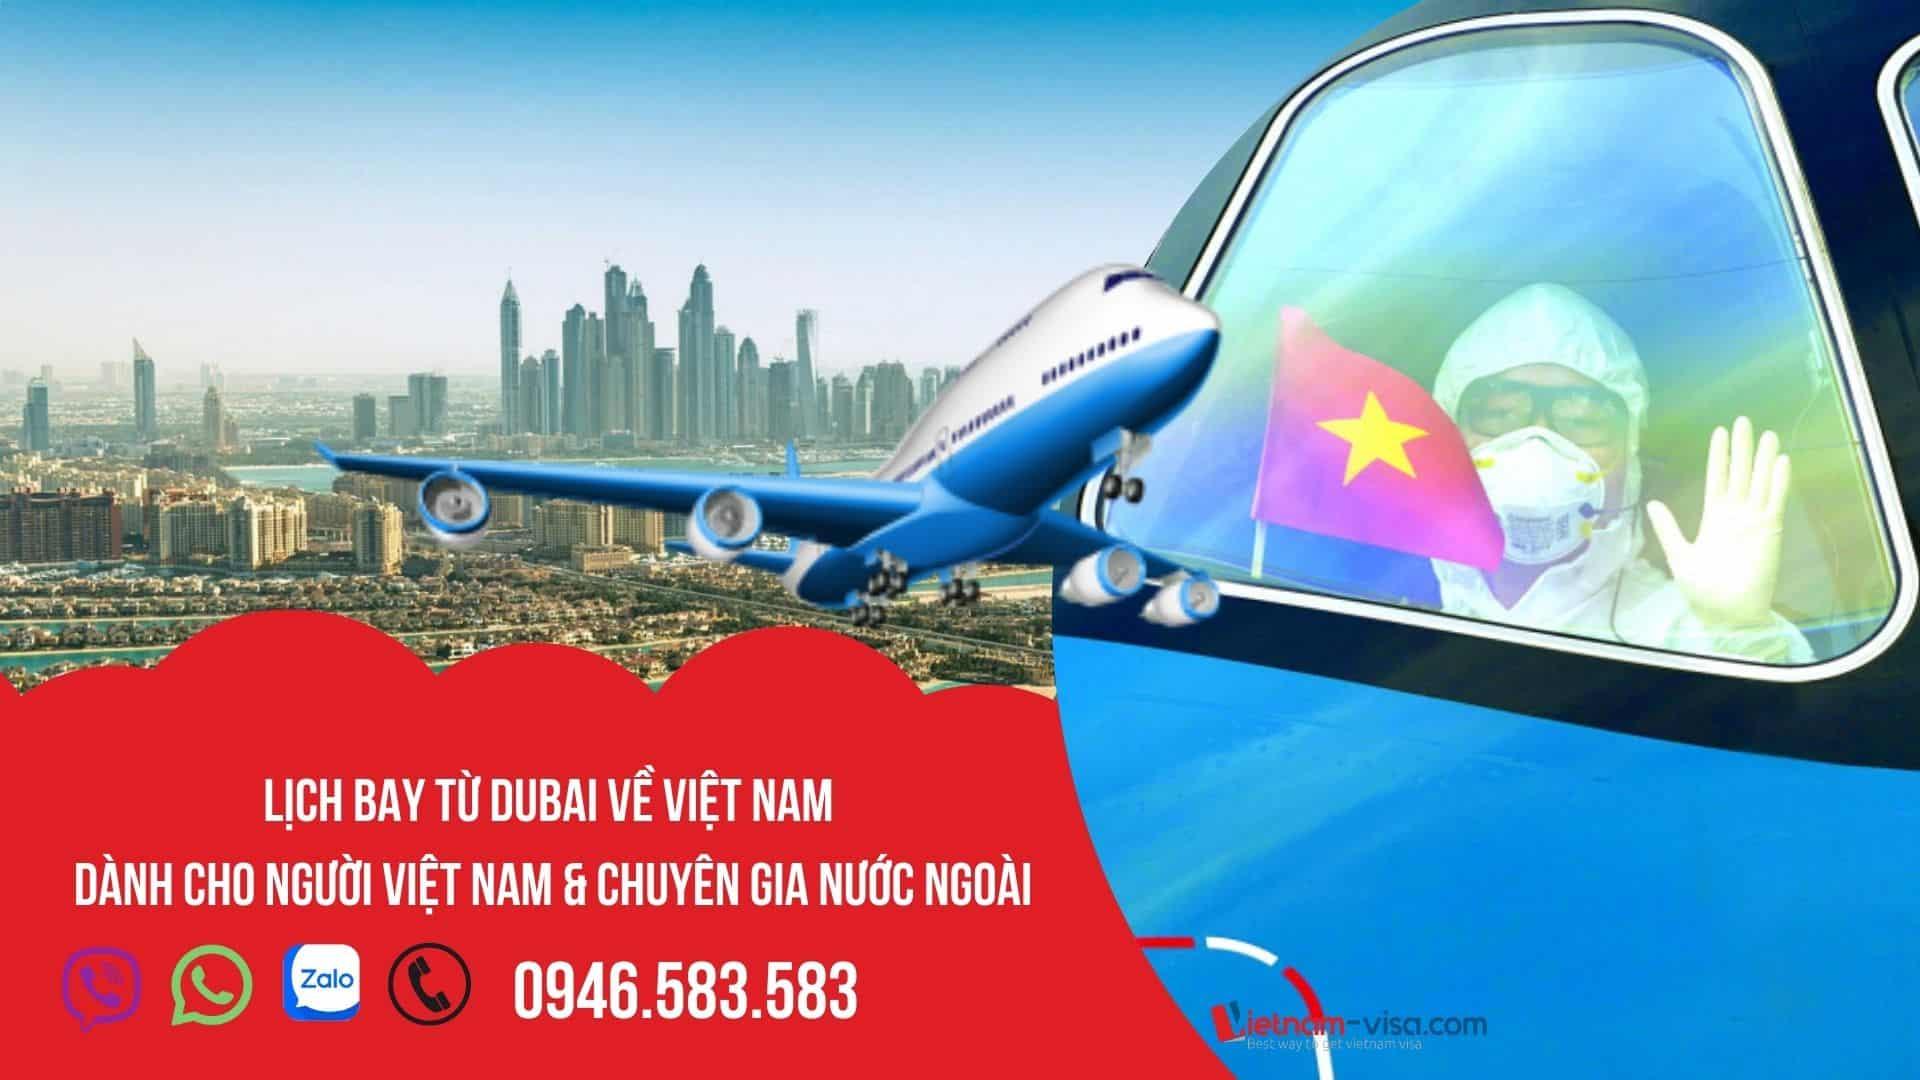 Vé máy bay từ Dubai về Việt Nam – Cập nhật Lịch bay tháng 10/2021